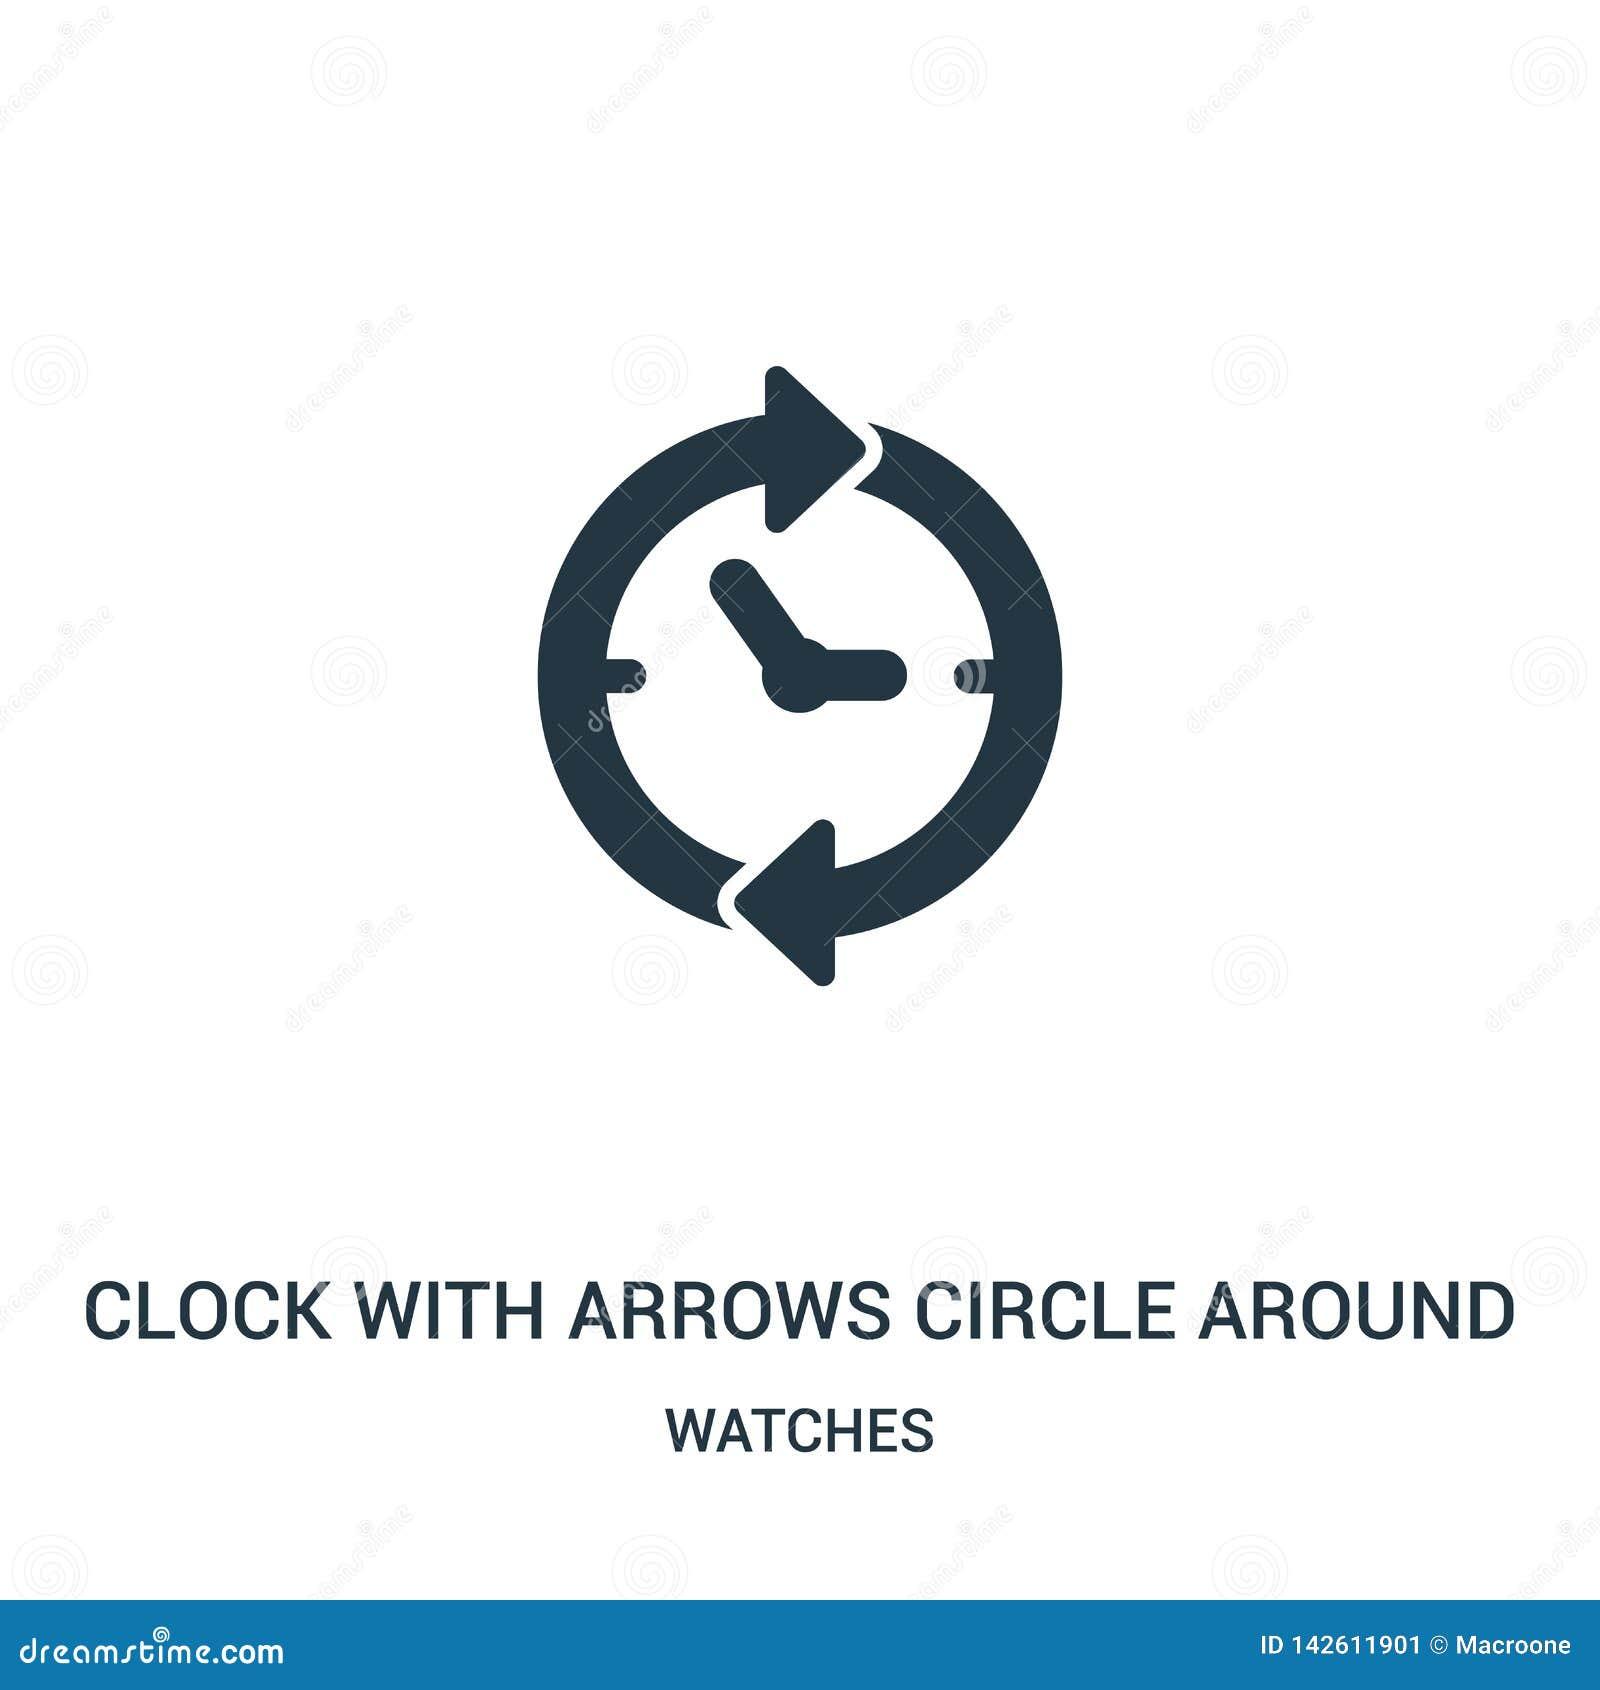 Uhr mit Pfeilen kreisen um Ikonenvektor von der Uhrsammlung ein Dünnes Streckentakt mit Pfeilen kreisen um Entwurfsikonenvektor e